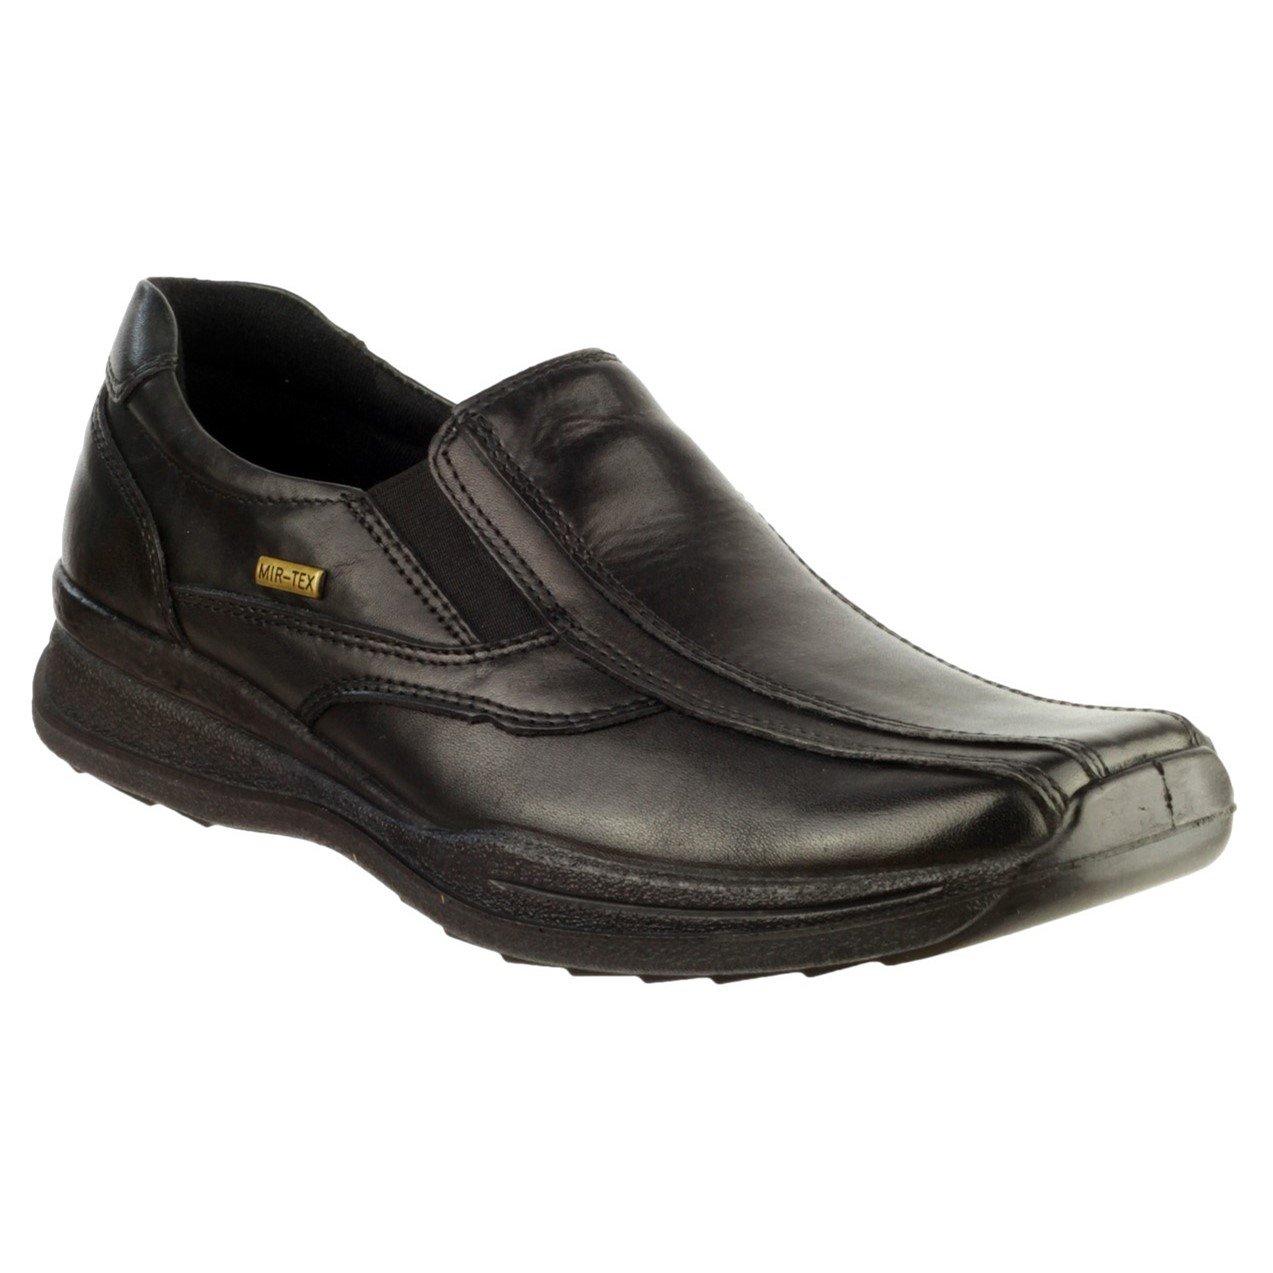 Cotswold Men's Naunton 2 Casual Shoe Various Colours 32969 - Black 10